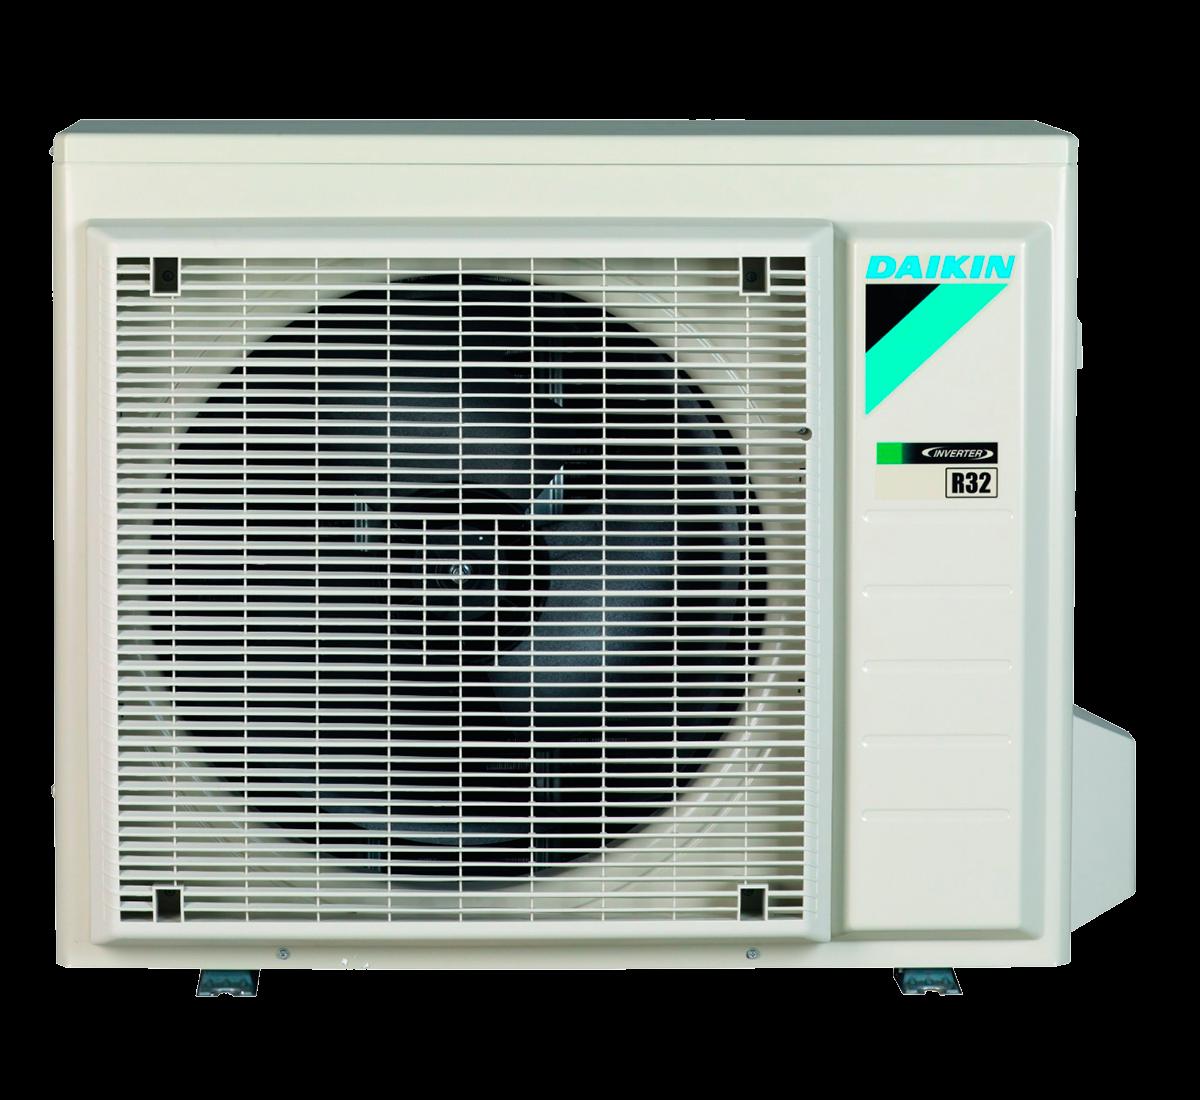 aire acondicionado unidad exterior daikin inverter bluevolution rxm25n9 modelo perfera txm25n instalacion incluida caseragua 01